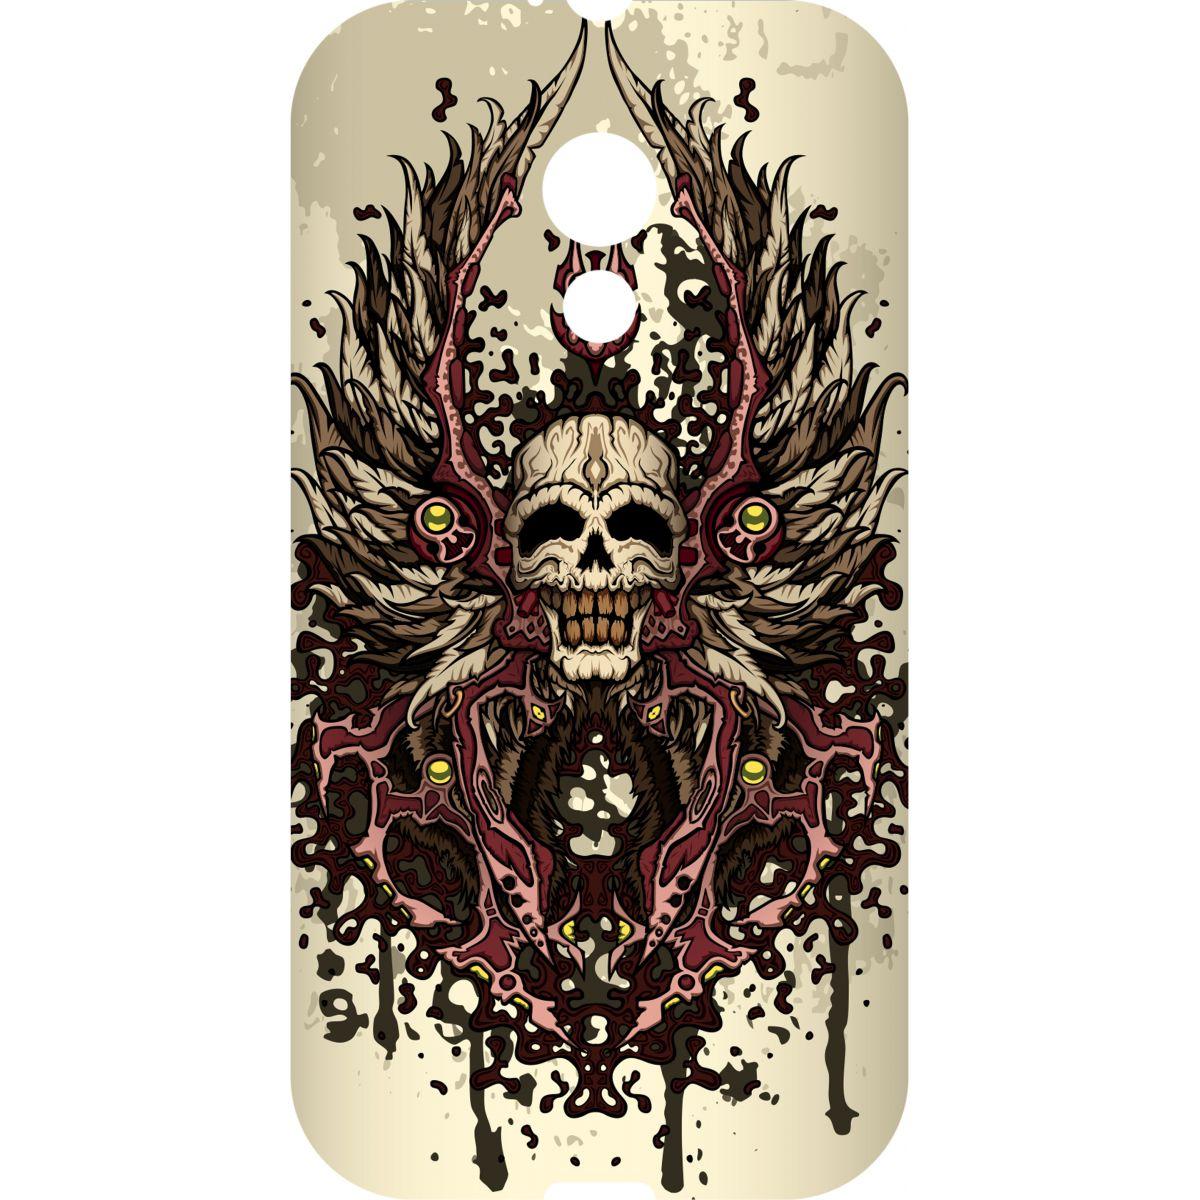 Capa Personalizada para Motorola Moto G2 Xt1069 Xt1068 - MS43